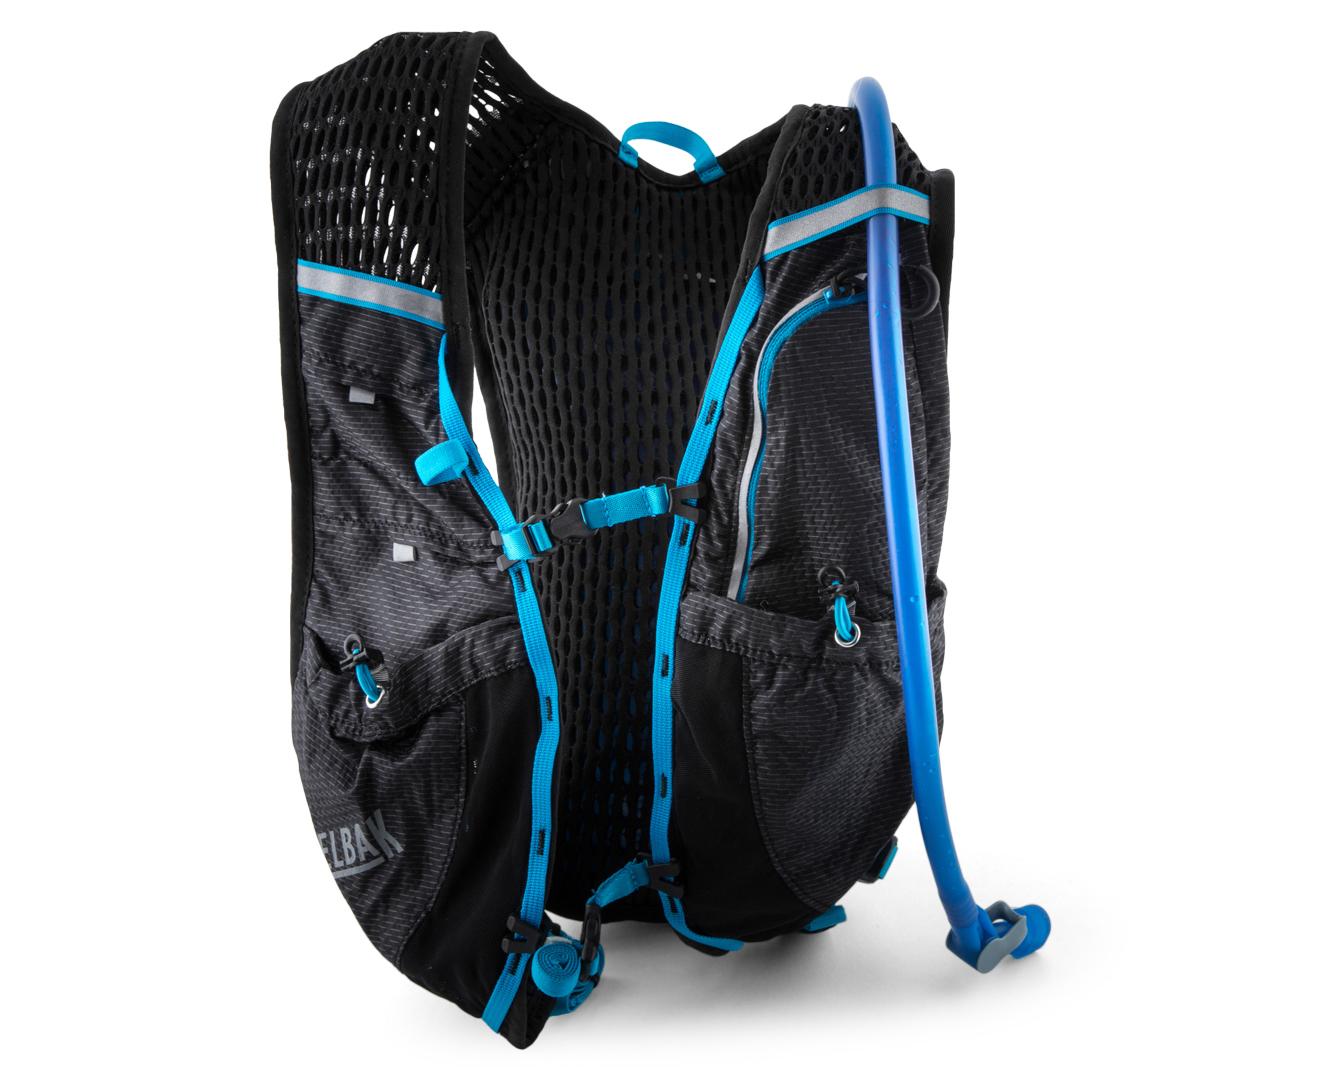 9dfbe10d5f CamelBak Circuit Vest 1.5L Hydration Pack - Black/Atomic Blue | Catch.com.au